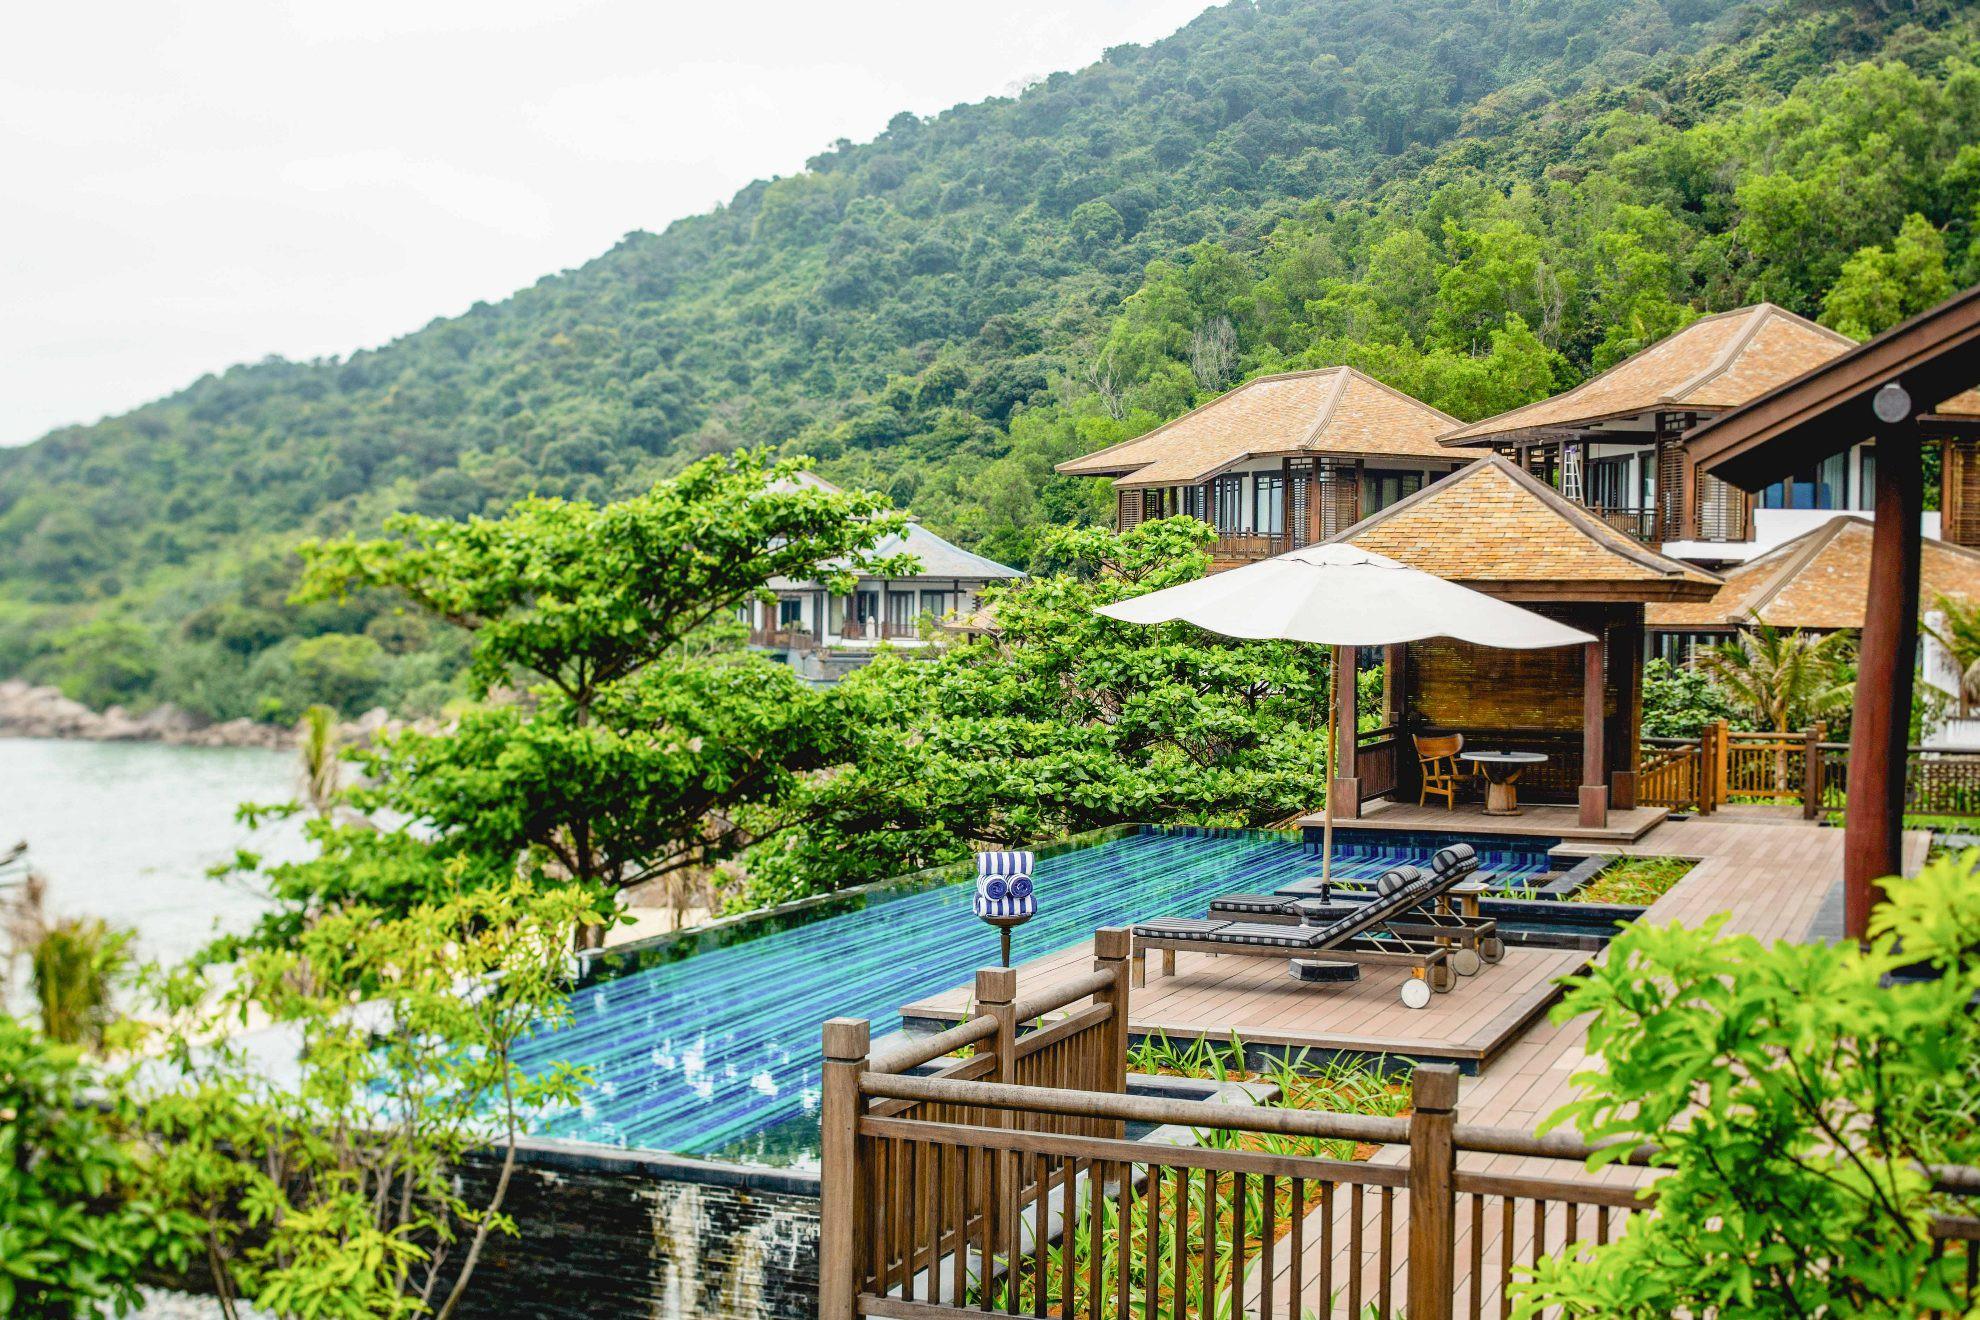 Báo Mỹ viết về khu resort hàng đầu thế giới tại Đà Nẵng, nơi nghỉ ngơi của các nhà lãnh đạo APEC với giá phòng lên tới 70 triệu đồng/đêm - Ảnh 22.